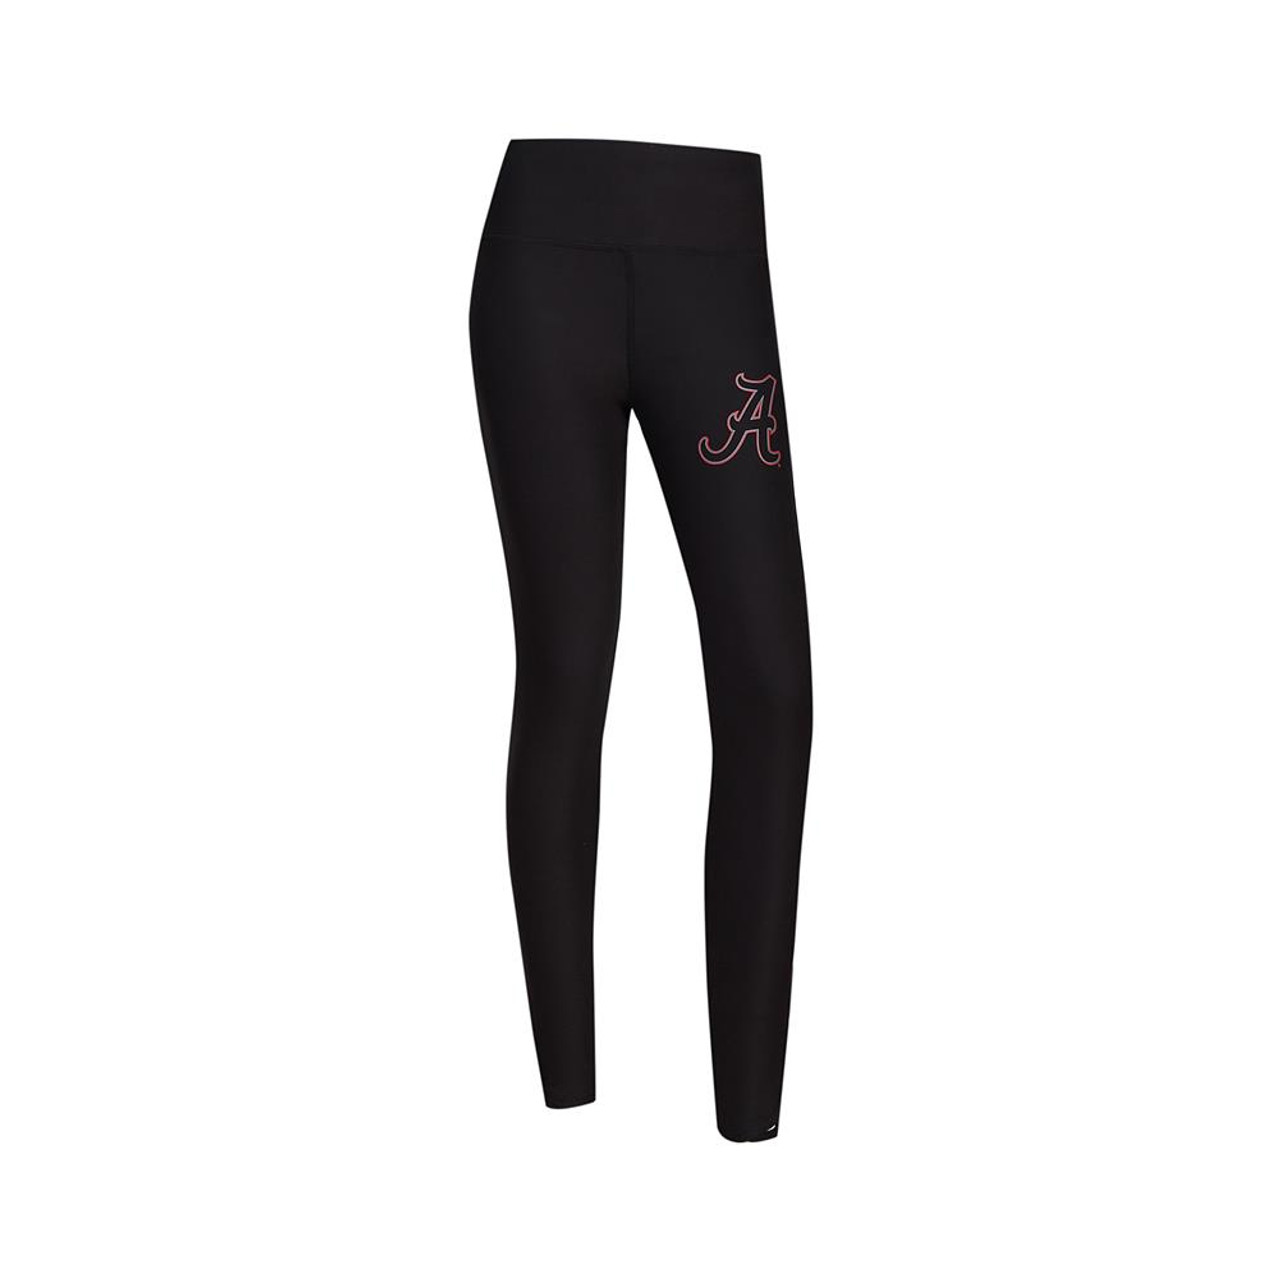 Alabama Crimson Tide Bama Ladies' Leggings Fortitude Yoga Pants